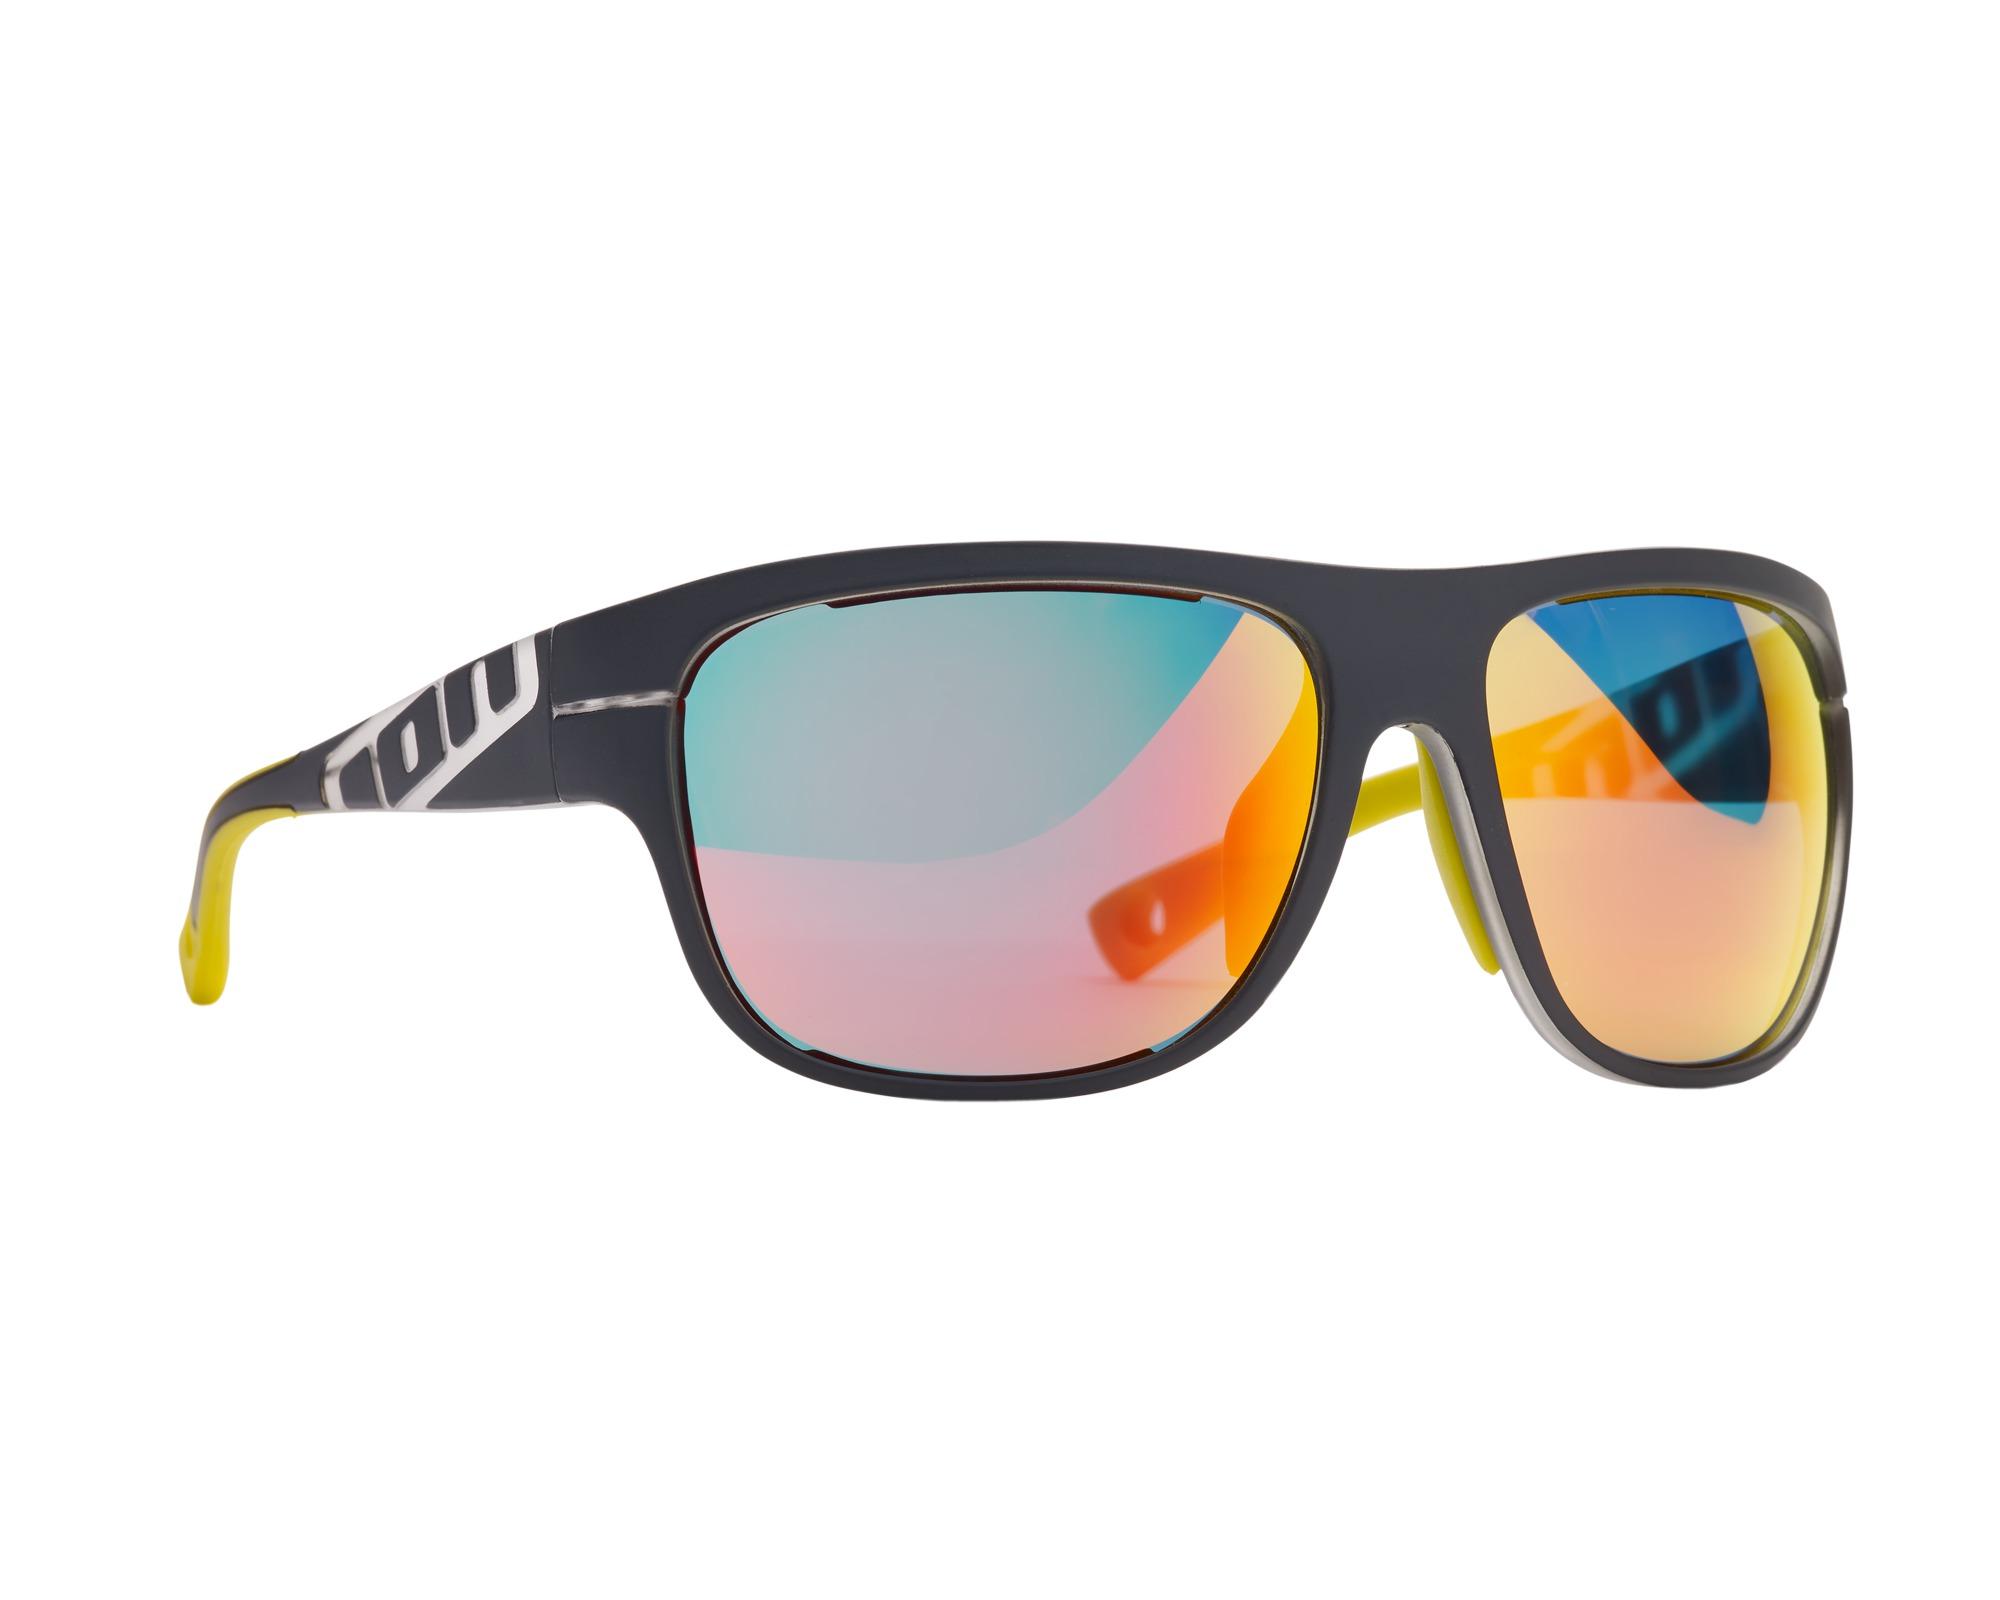 Eyewear - Sunglasses - Fashion - Watersports - ION